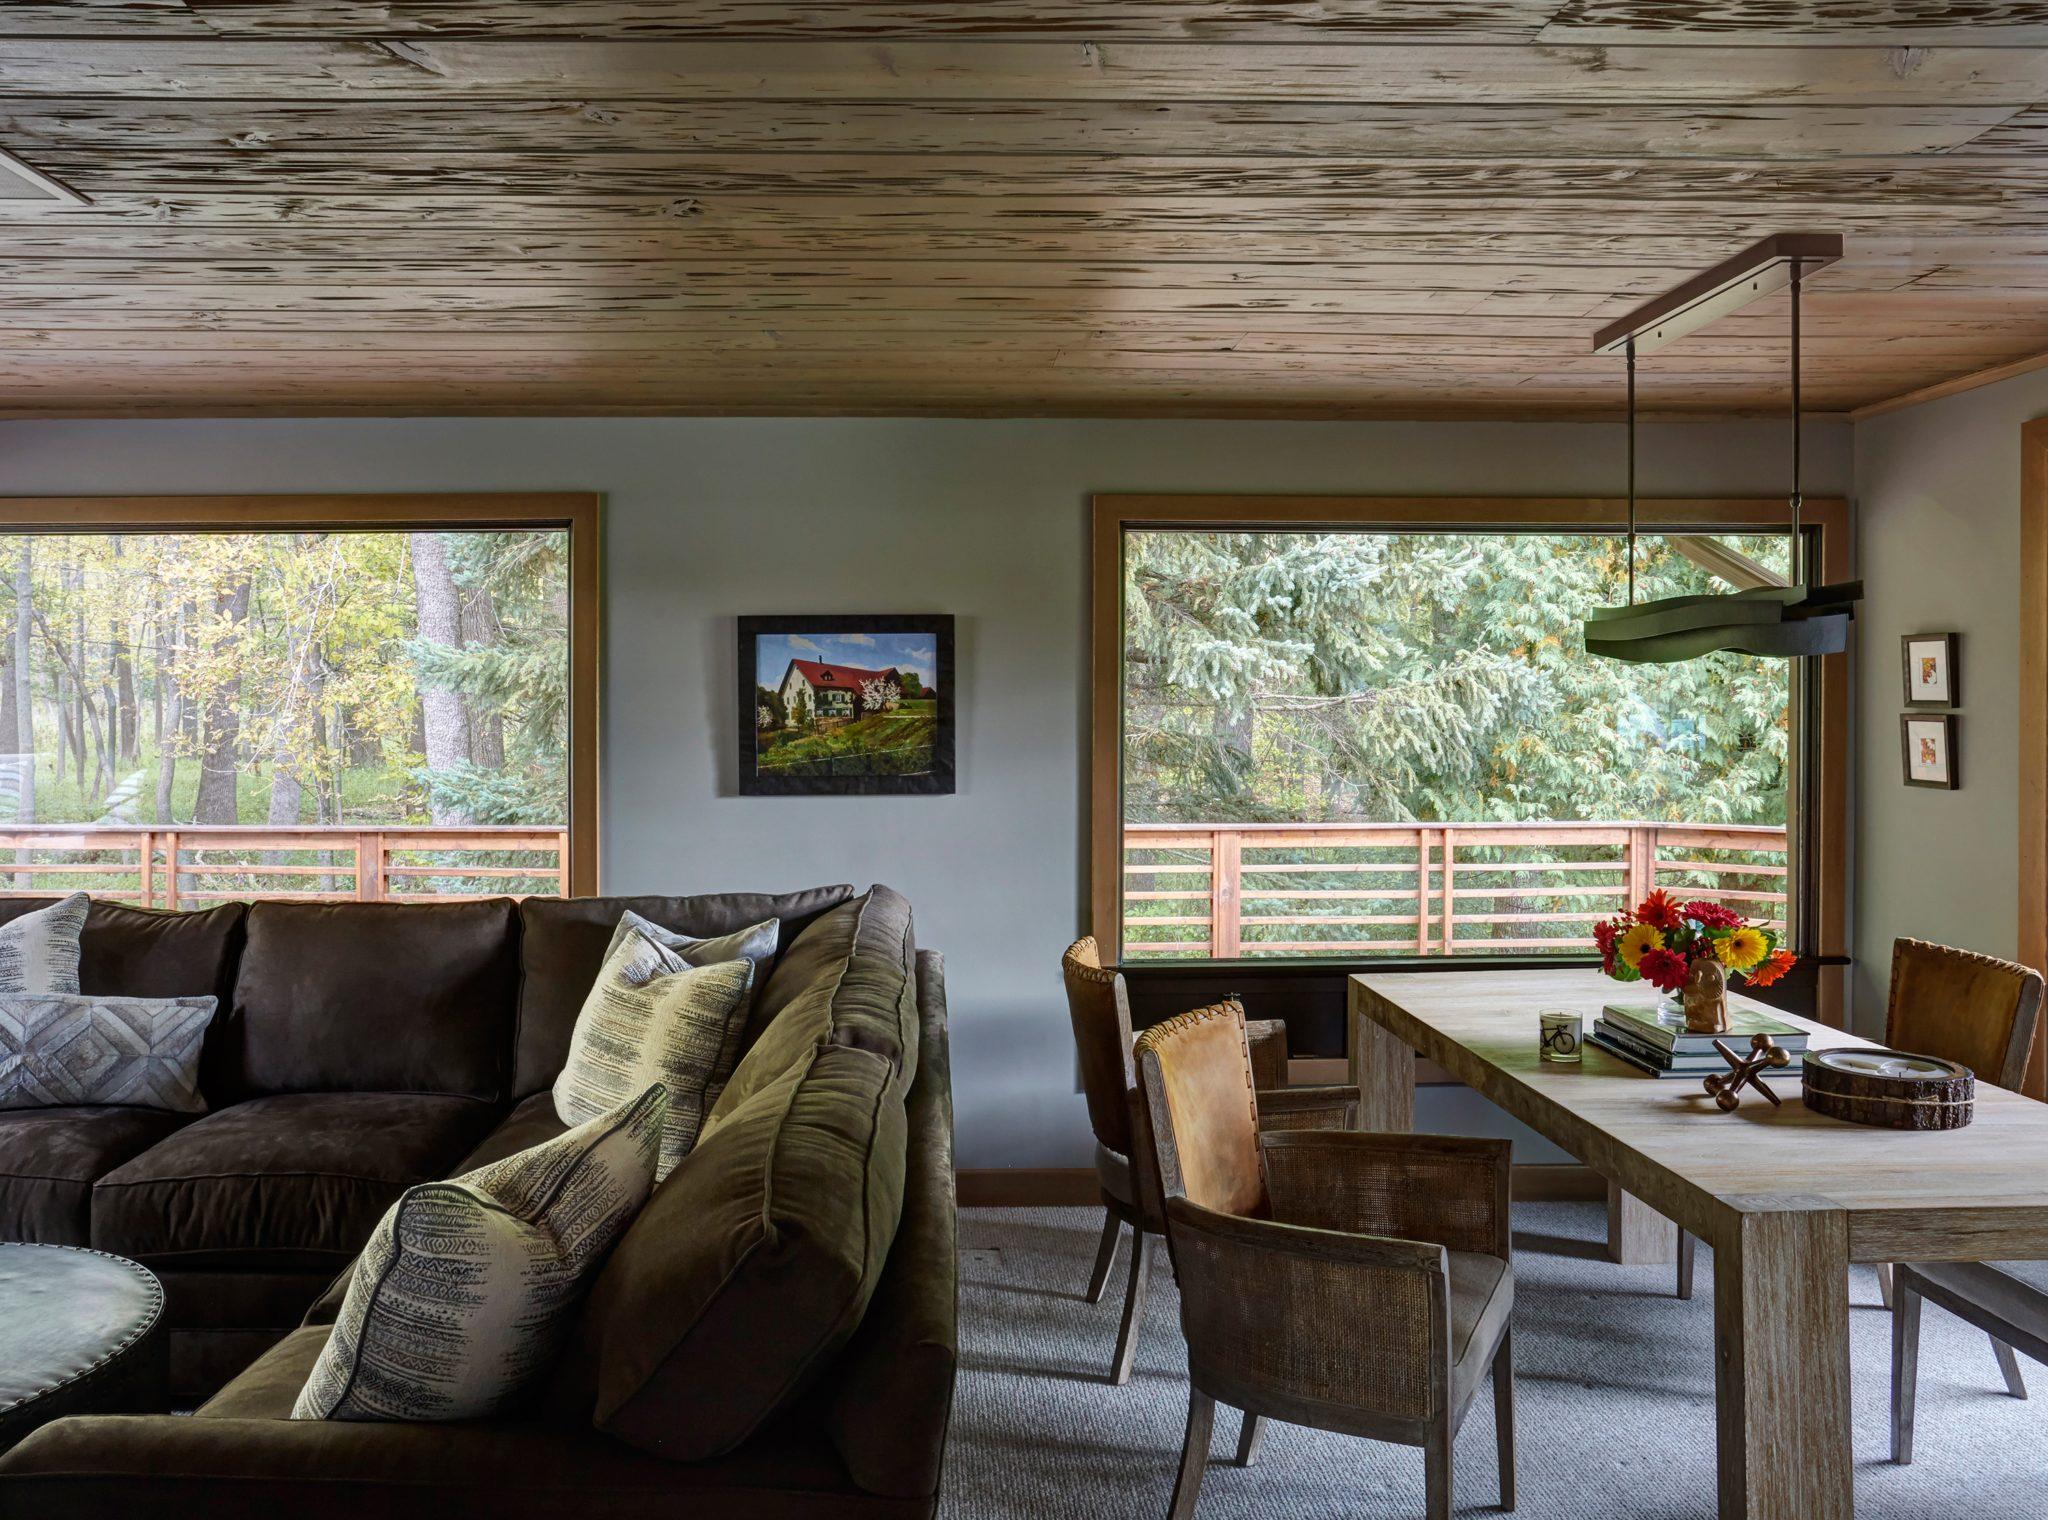 Interior design bySchlagenhaft Studio